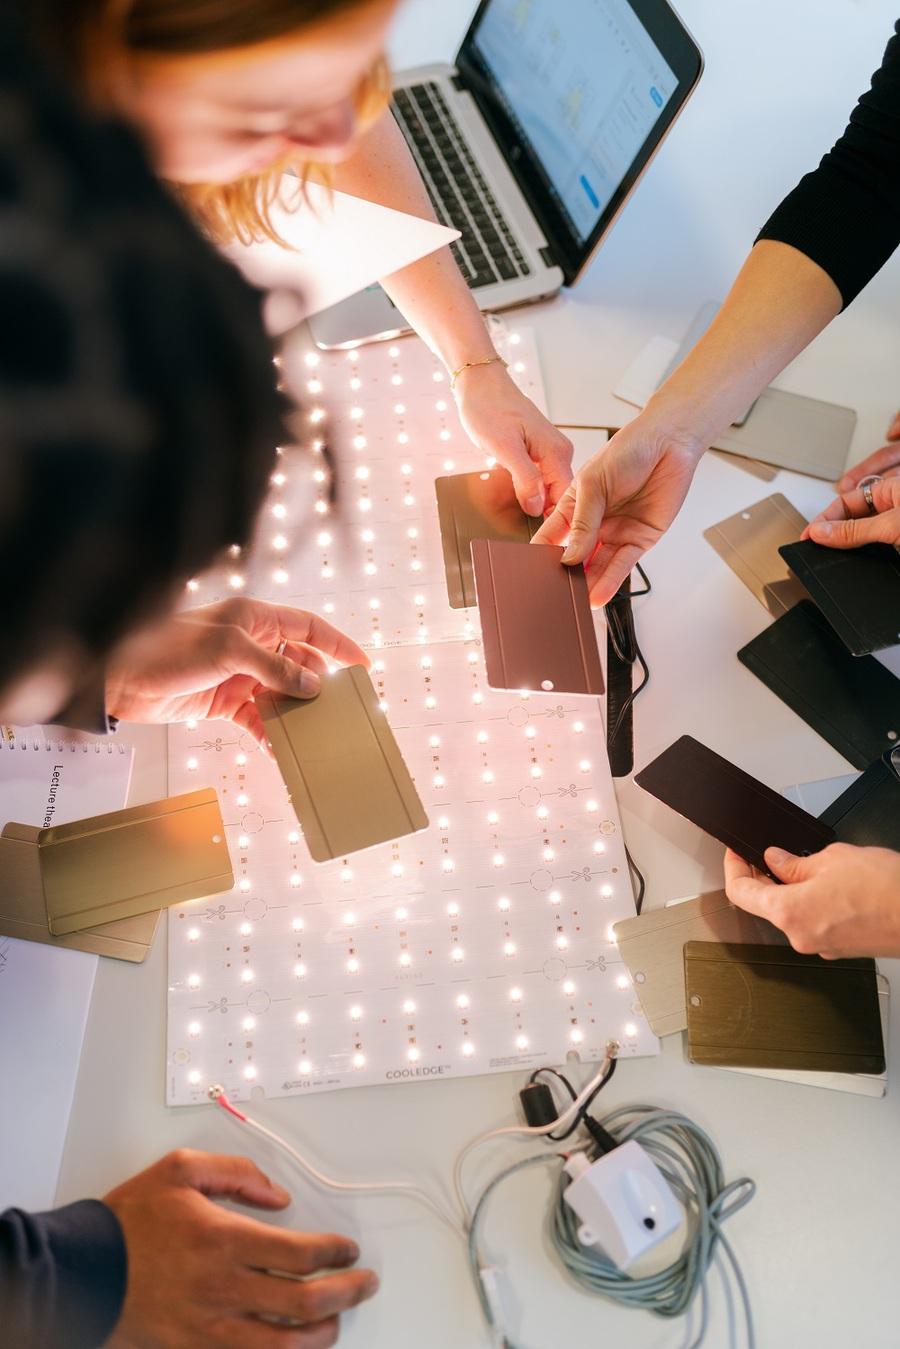 Gruppo di persone che progettano prodotti insieme